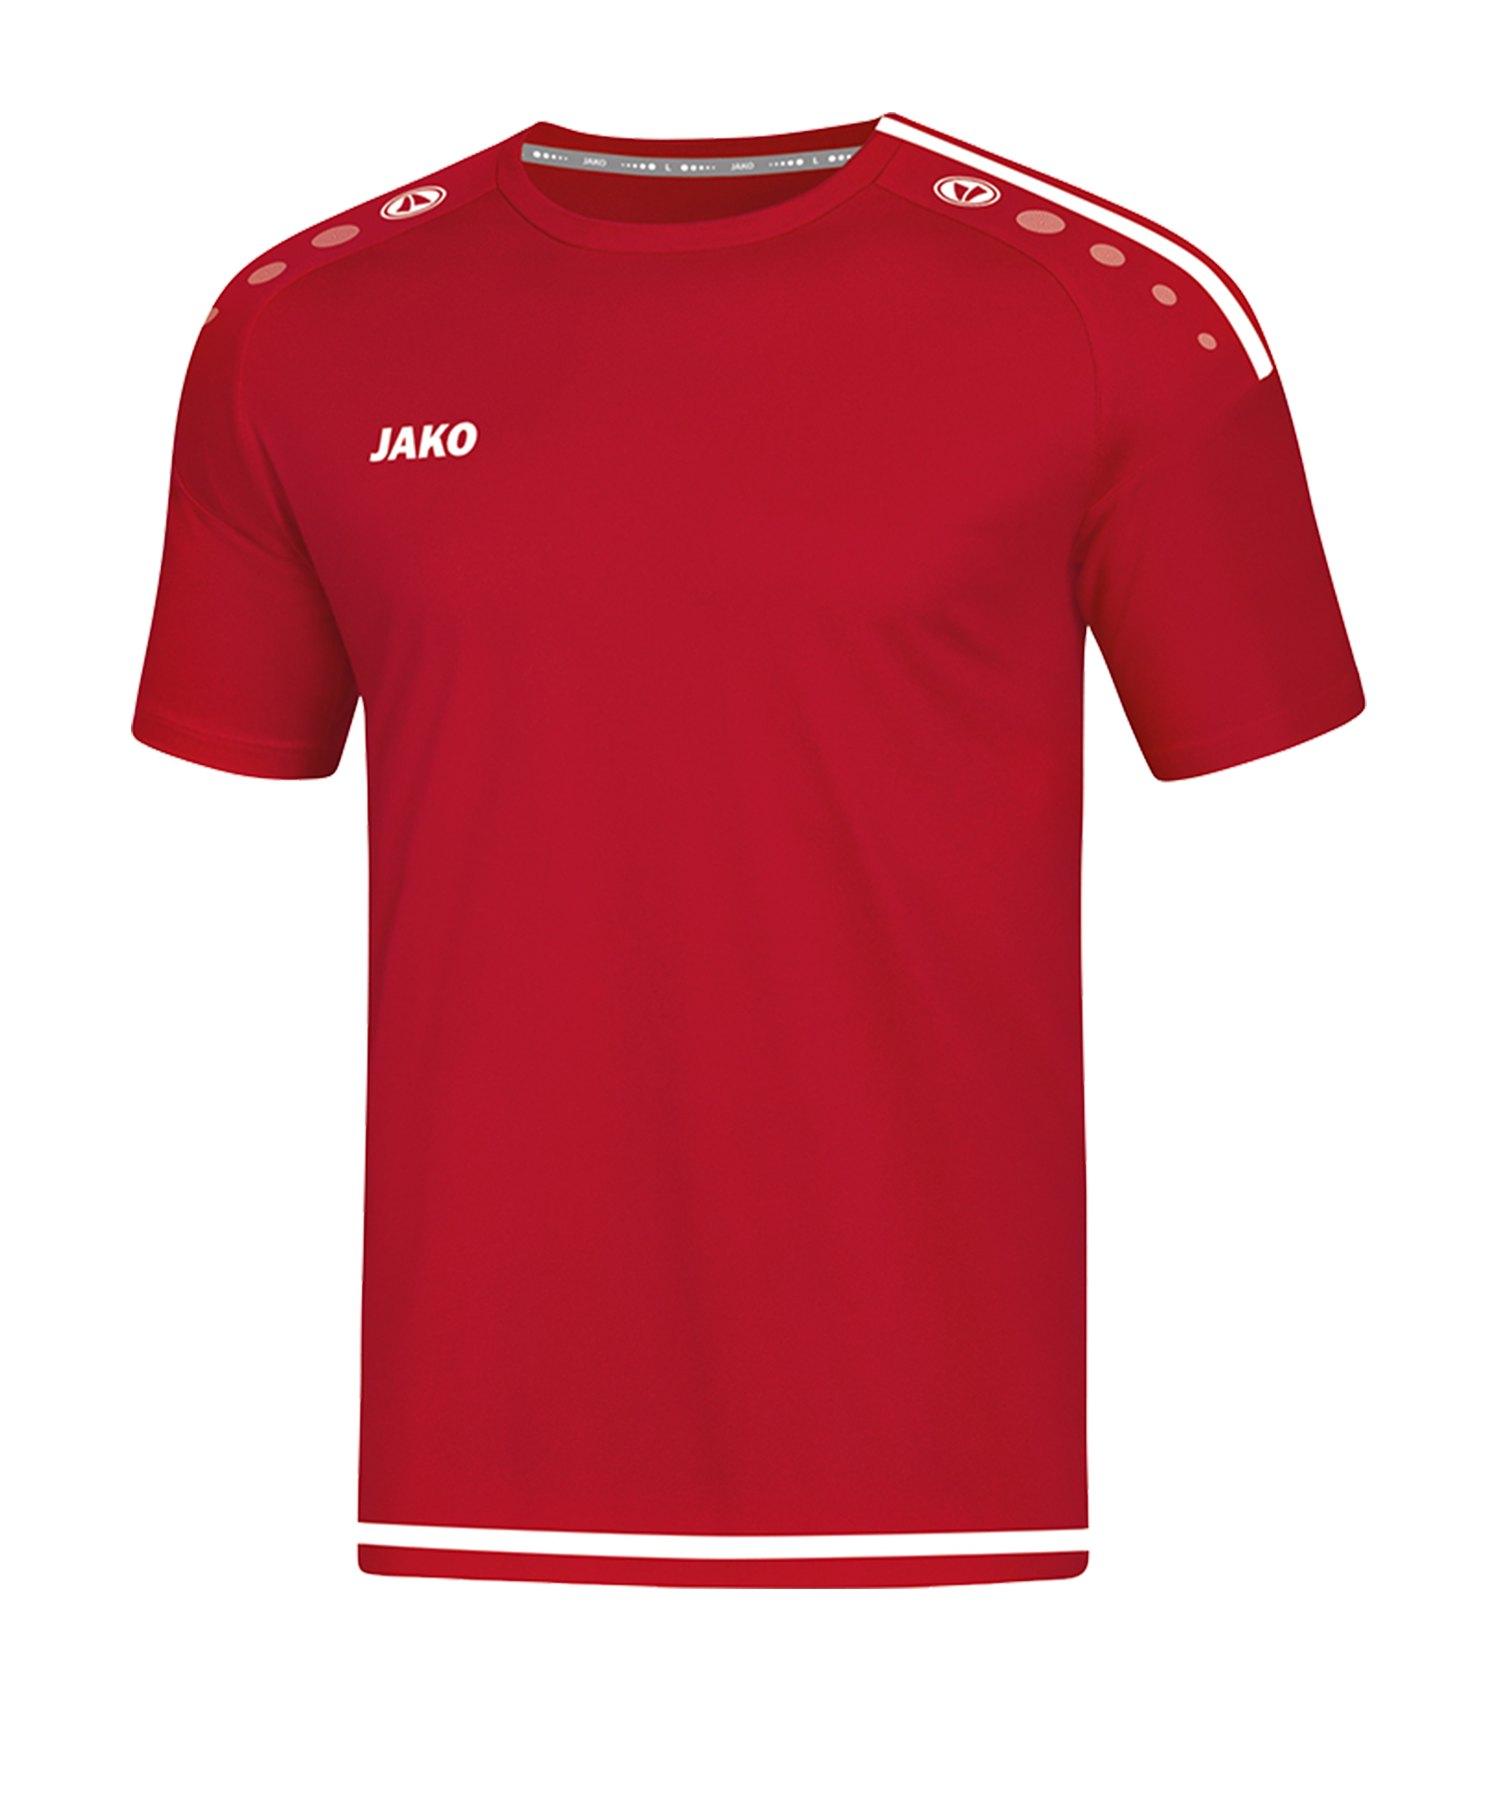 Jako Striker 2.0 Trikot kurzarm Rot Weiss F11 - Rot